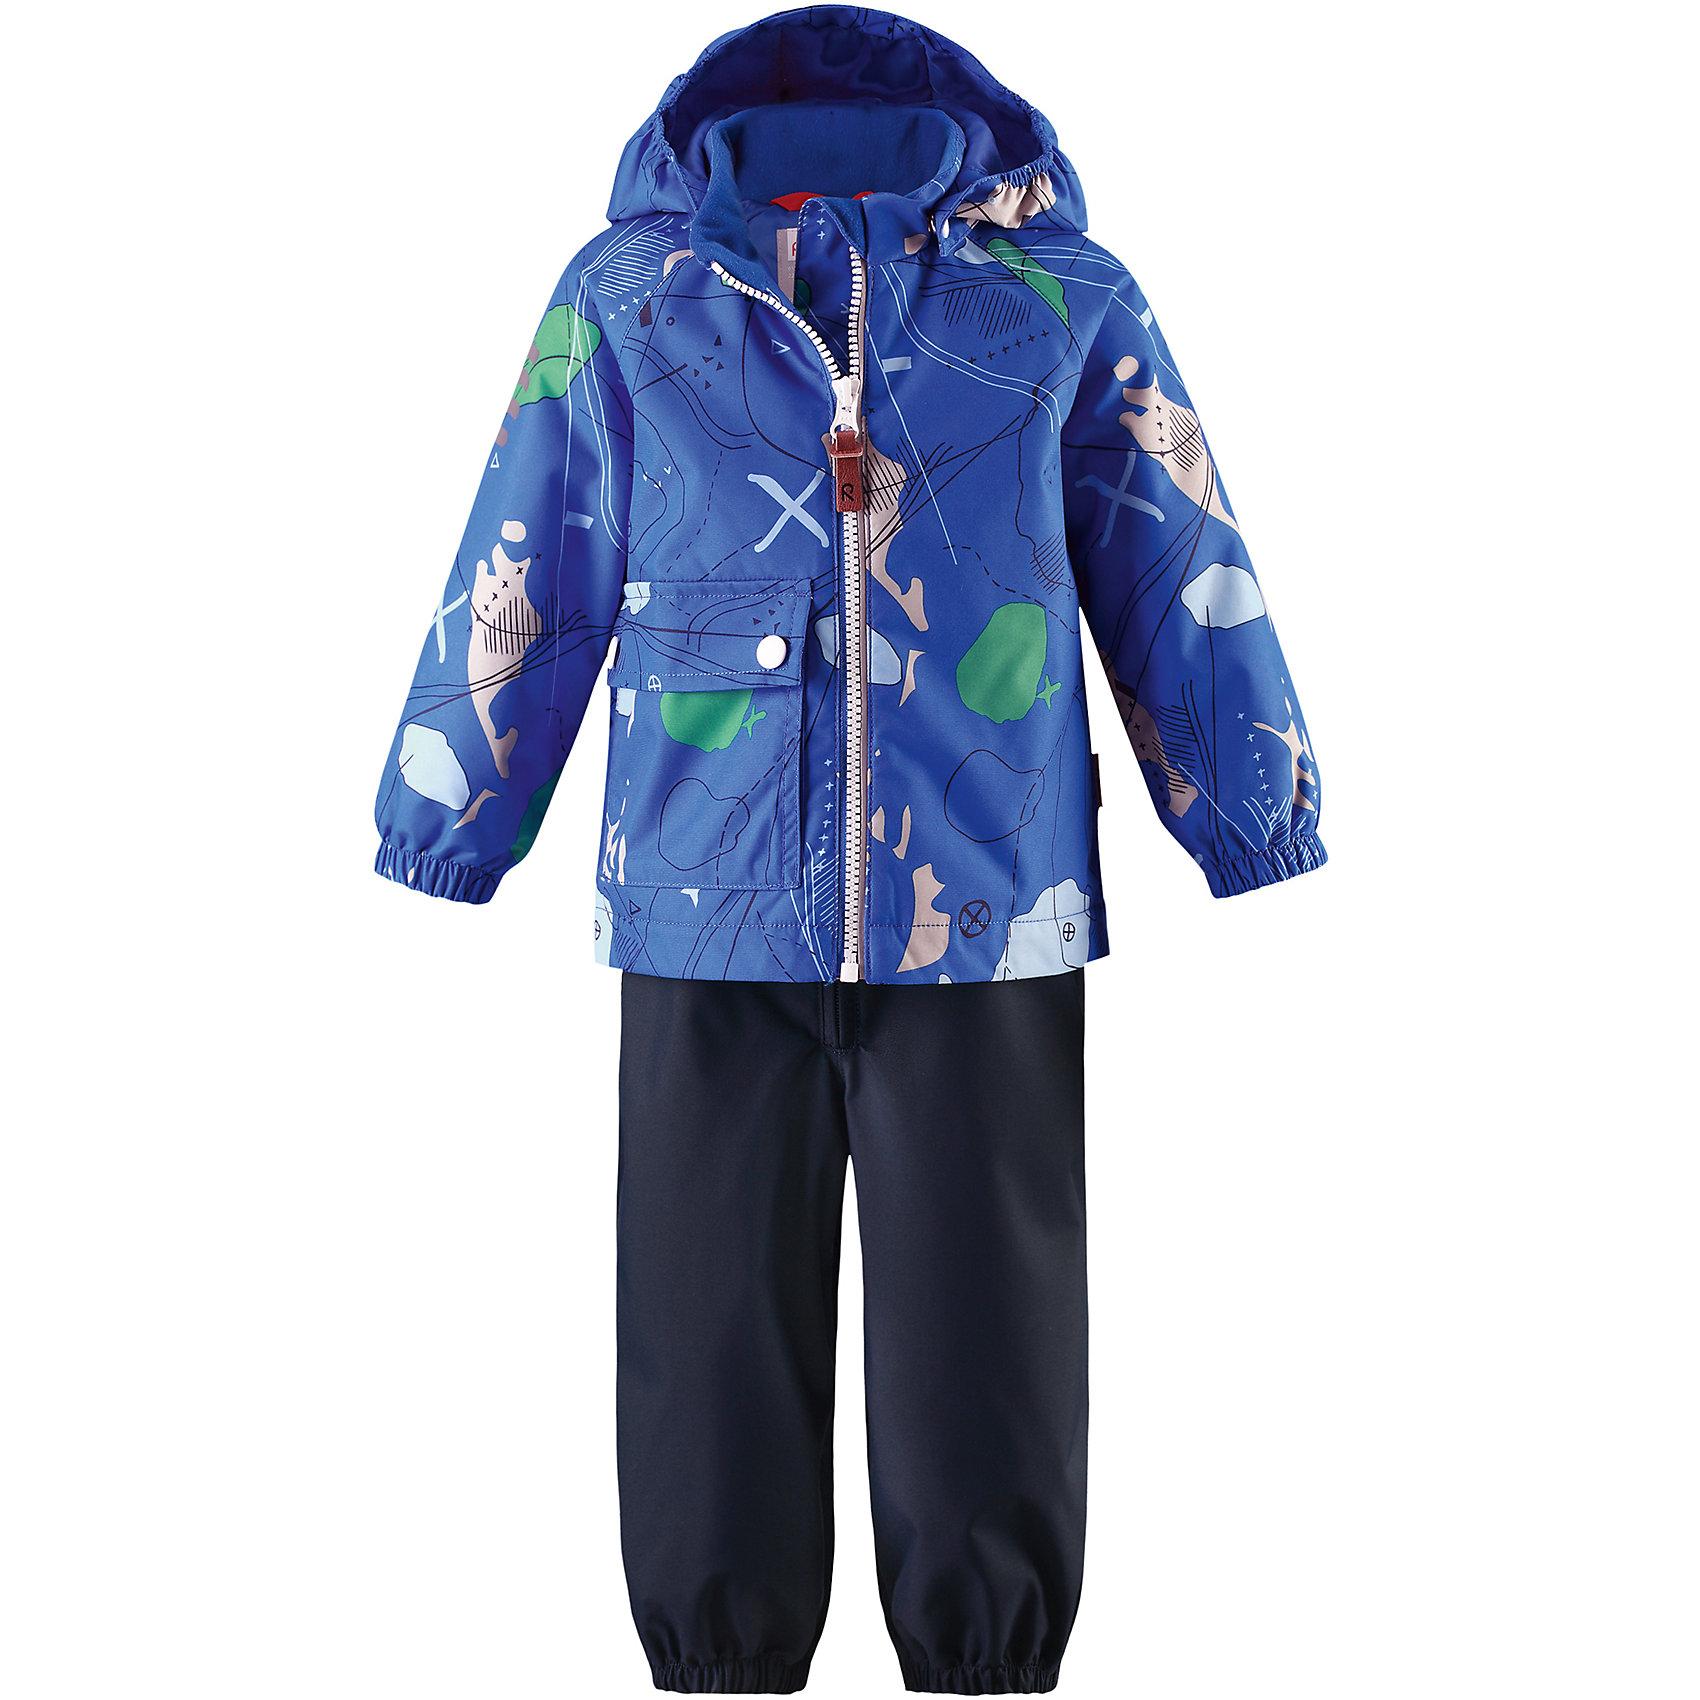 Комплект Leikki: куртка и брюки для мальчика Reimatec® ReimaОдежда<br>Характеристики товара:<br><br>• цвет: синий/темно-синий<br>• состав: 100% полиэстер, полиуретановое покрытие<br>• температурный режим: от 0° до +10°С<br>• легкий утеплитель: 80 гр/м2<br>• водонепроницаемость: 8000 мм<br>• воздухопроницаемость: 5000 мм<br>• износостойкость: 30000 циклов (тест Мартиндейла)<br>• основные швы проклеены, водонепроницаемы<br>• водо- и ветронепроницаемый, дышащий, грязеотталкивающий материал<br>• гладкая подкладка из полиэстера<br>• безопасный съёмный капюшон<br>• эластичные манжеты <br>• комфортная посадка<br>• съемные эластичные штрипки<br>• карман с клапаном<br>• светоотражающие детали<br>• страна производства: Китай<br>• страна бренда: Финляндия<br>• коллекция: весна-лето 2017<br><br>Демисезонный комплект из куртки и штанов поможет обеспечить ребенку комфорт и тепло. Предметы отлично смотрятся с различной одеждой. Комплект удобно сидит и модно выглядит. Материал отлично подходит для дождливой погоды. Стильный дизайн разрабатывался специально для детей.<br><br>Обувь и одежда от финского бренда Reima пользуются популярностью во многих странах. Они стильные, качественные и удобные. Для производства продукции используются только безопасные, проверенные материалы и фурнитура.<br><br>Комплект: куртка и брюки для мальчика Reimatec® от финского бренда Reima (Рейма) можно купить в нашем интернет-магазине.<br><br>Ширина мм: 356<br>Глубина мм: 10<br>Высота мм: 245<br>Вес г: 519<br>Цвет: синий<br>Возраст от месяцев: 6<br>Возраст до месяцев: 9<br>Пол: Мужской<br>Возраст: Детский<br>Размер: 74,92,98,86,80<br>SKU: 5265826